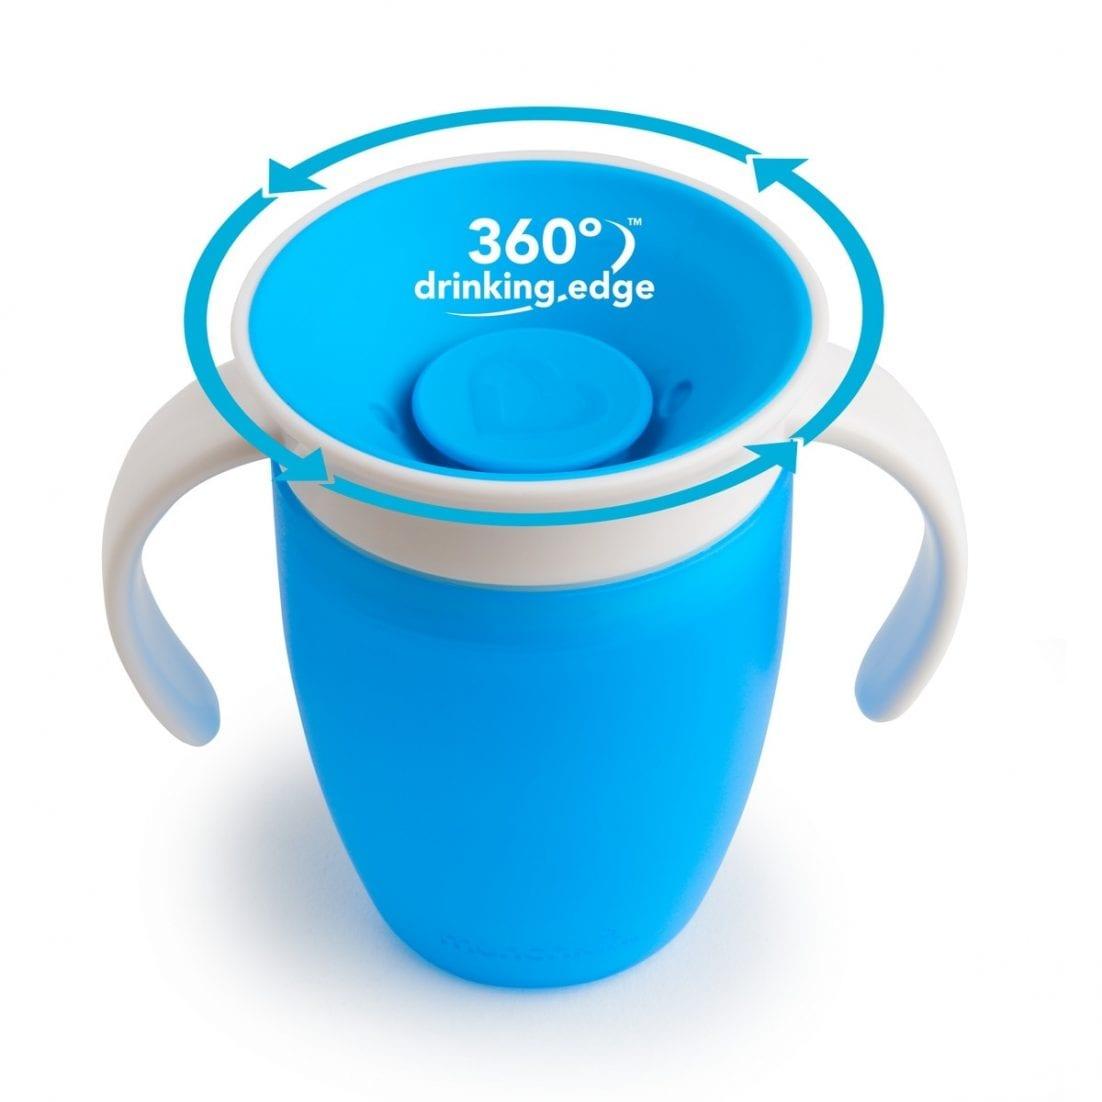 munchkin 360